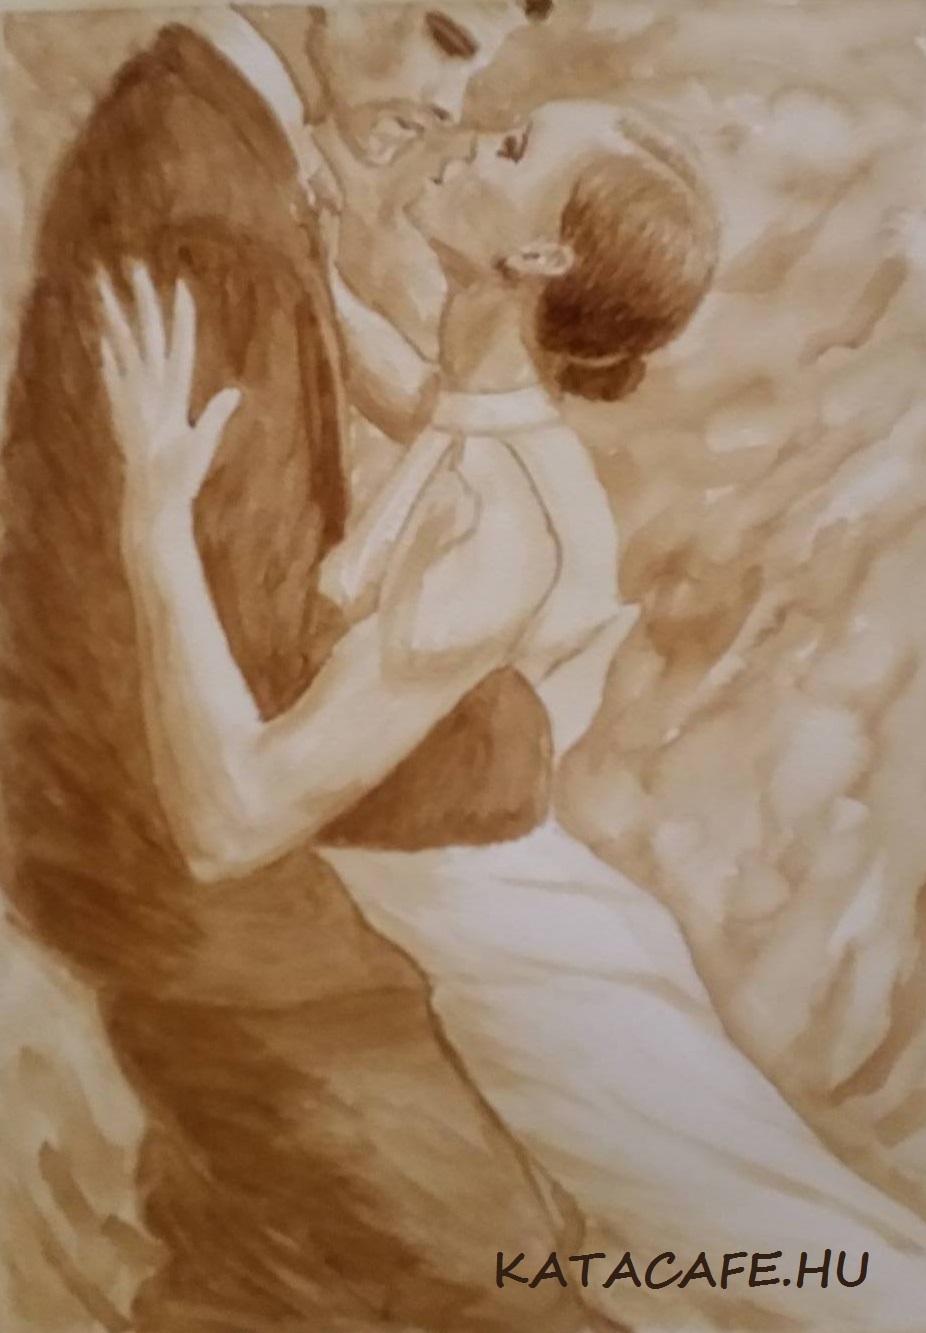 http://katacafe.hu/, Kajáriné Katalin, kávéfestmény, ganoderma gomba, coffeart, coffeelove, egészség, egészséges kávé, szenvedély, szerelem, tánc, ölelés, öszhang, harmónia